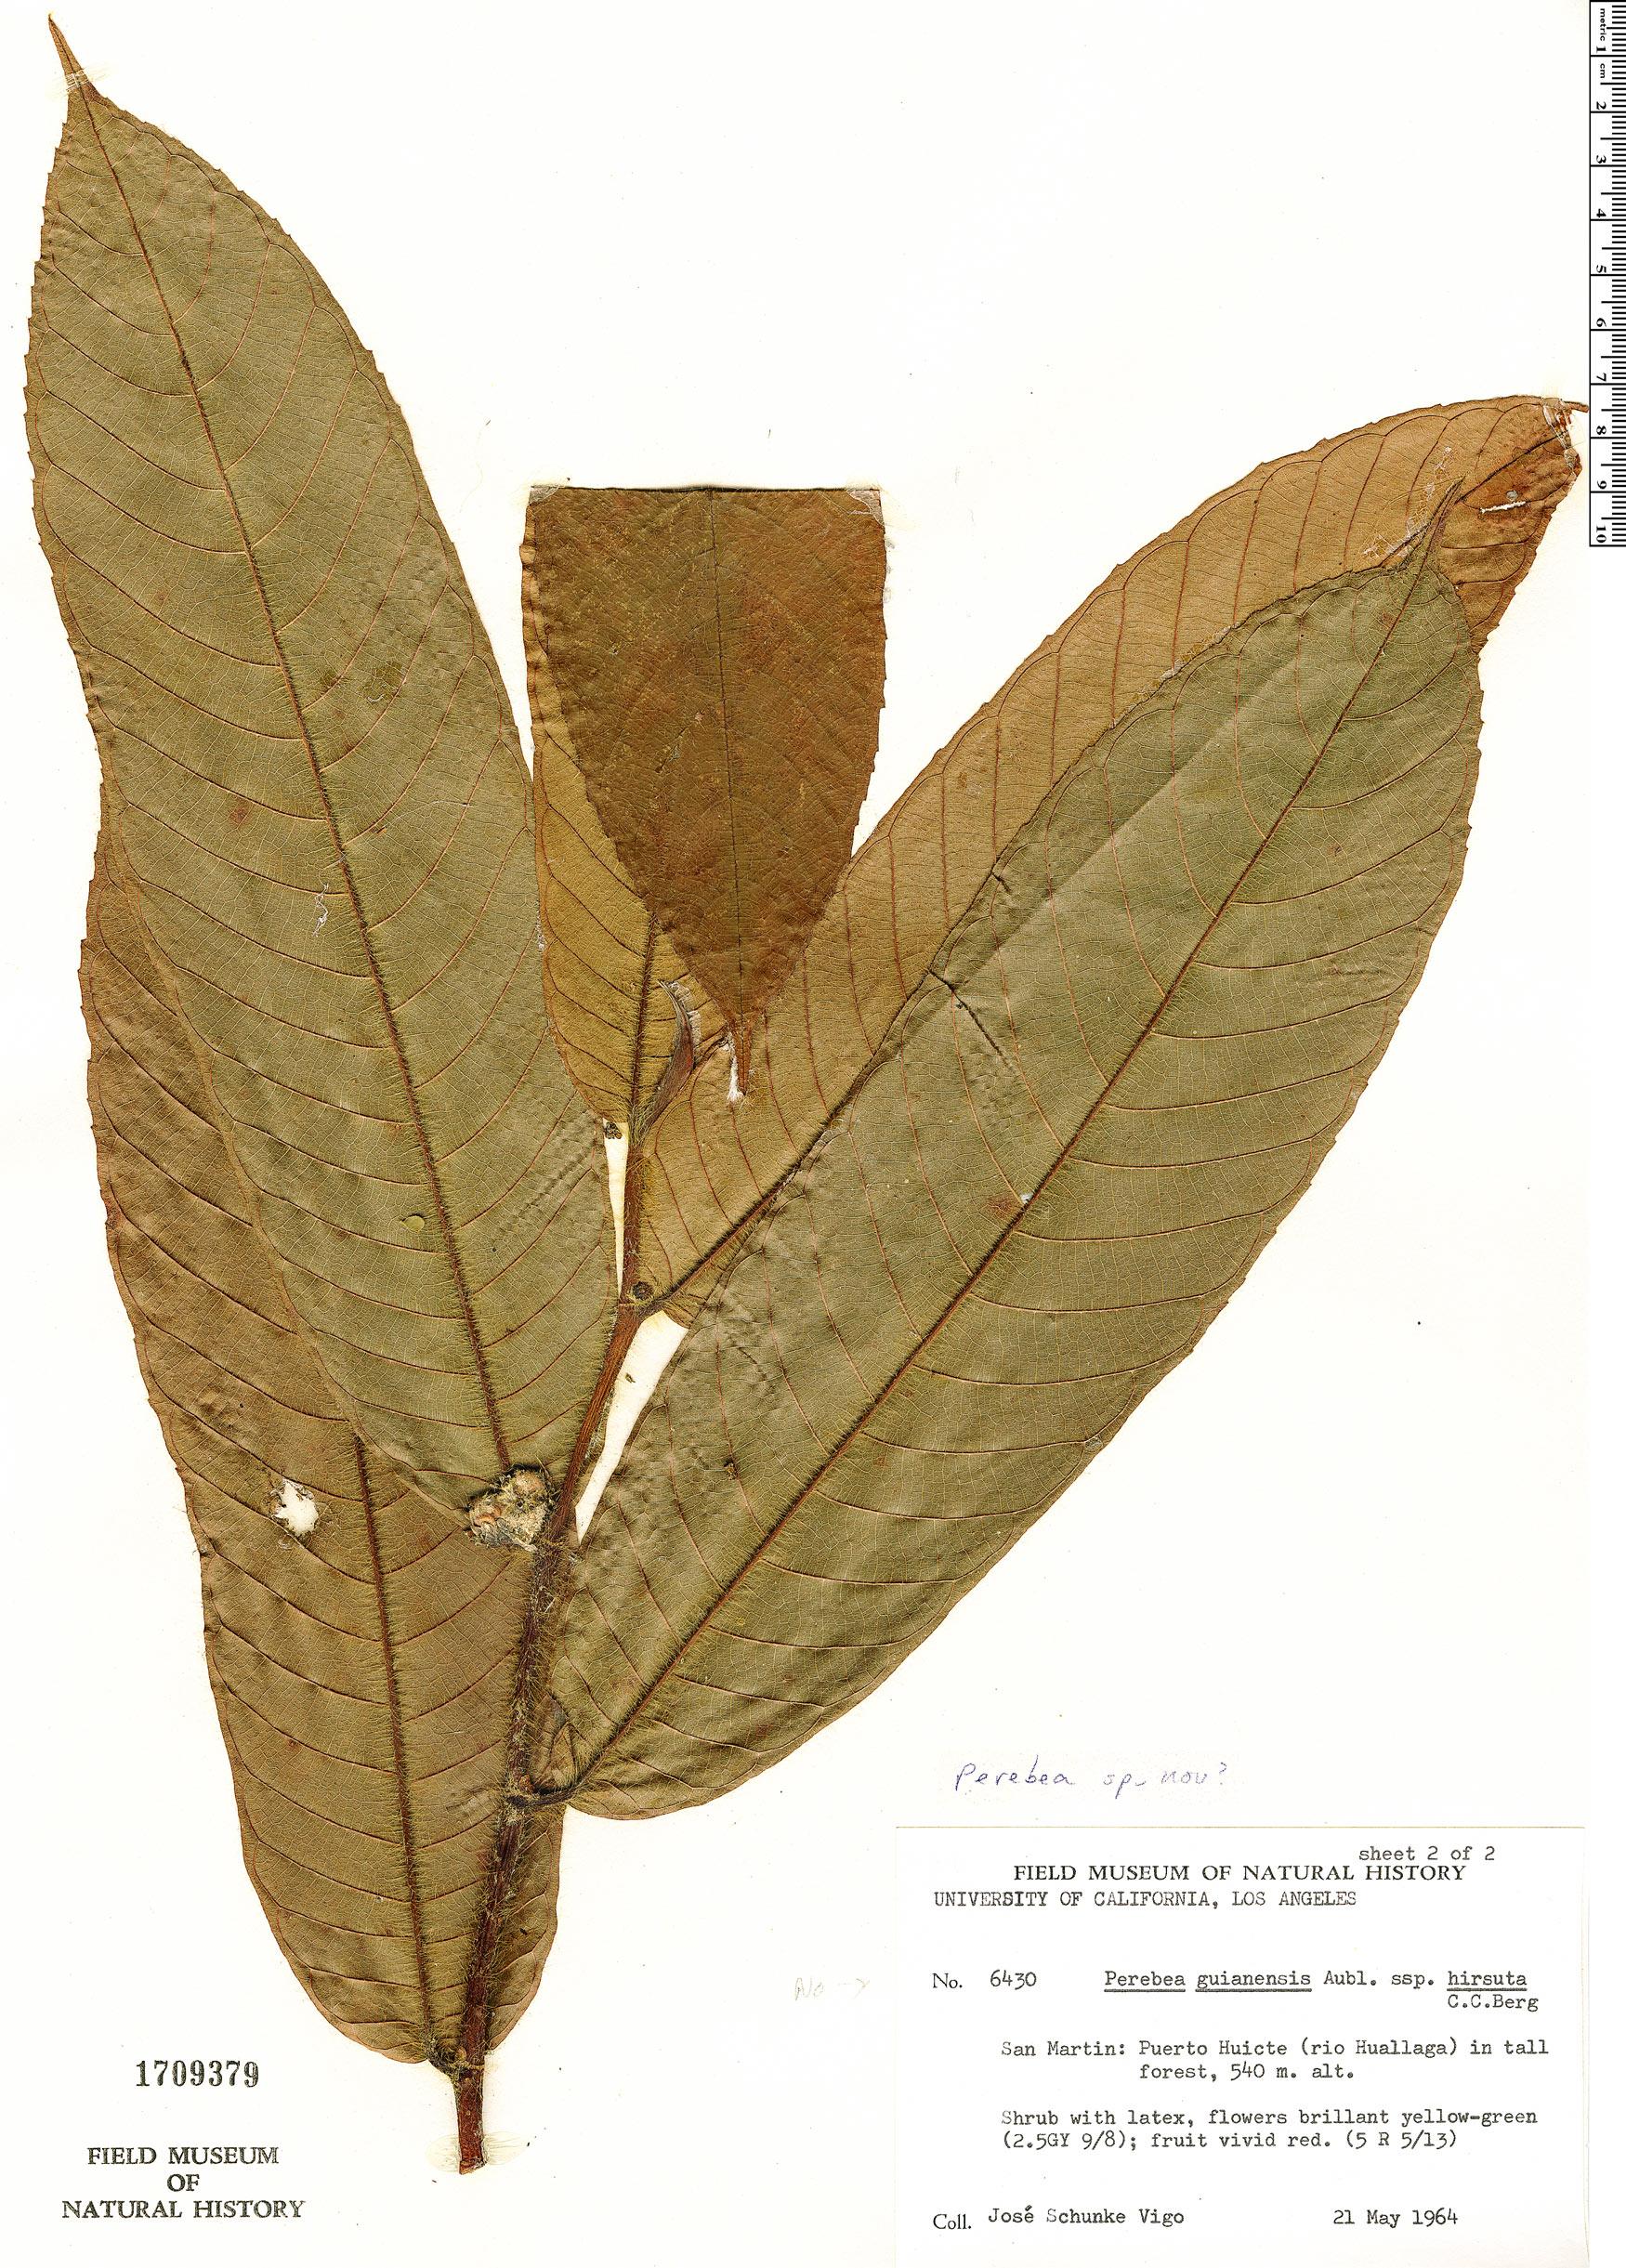 Specimen: Perebea guianensis